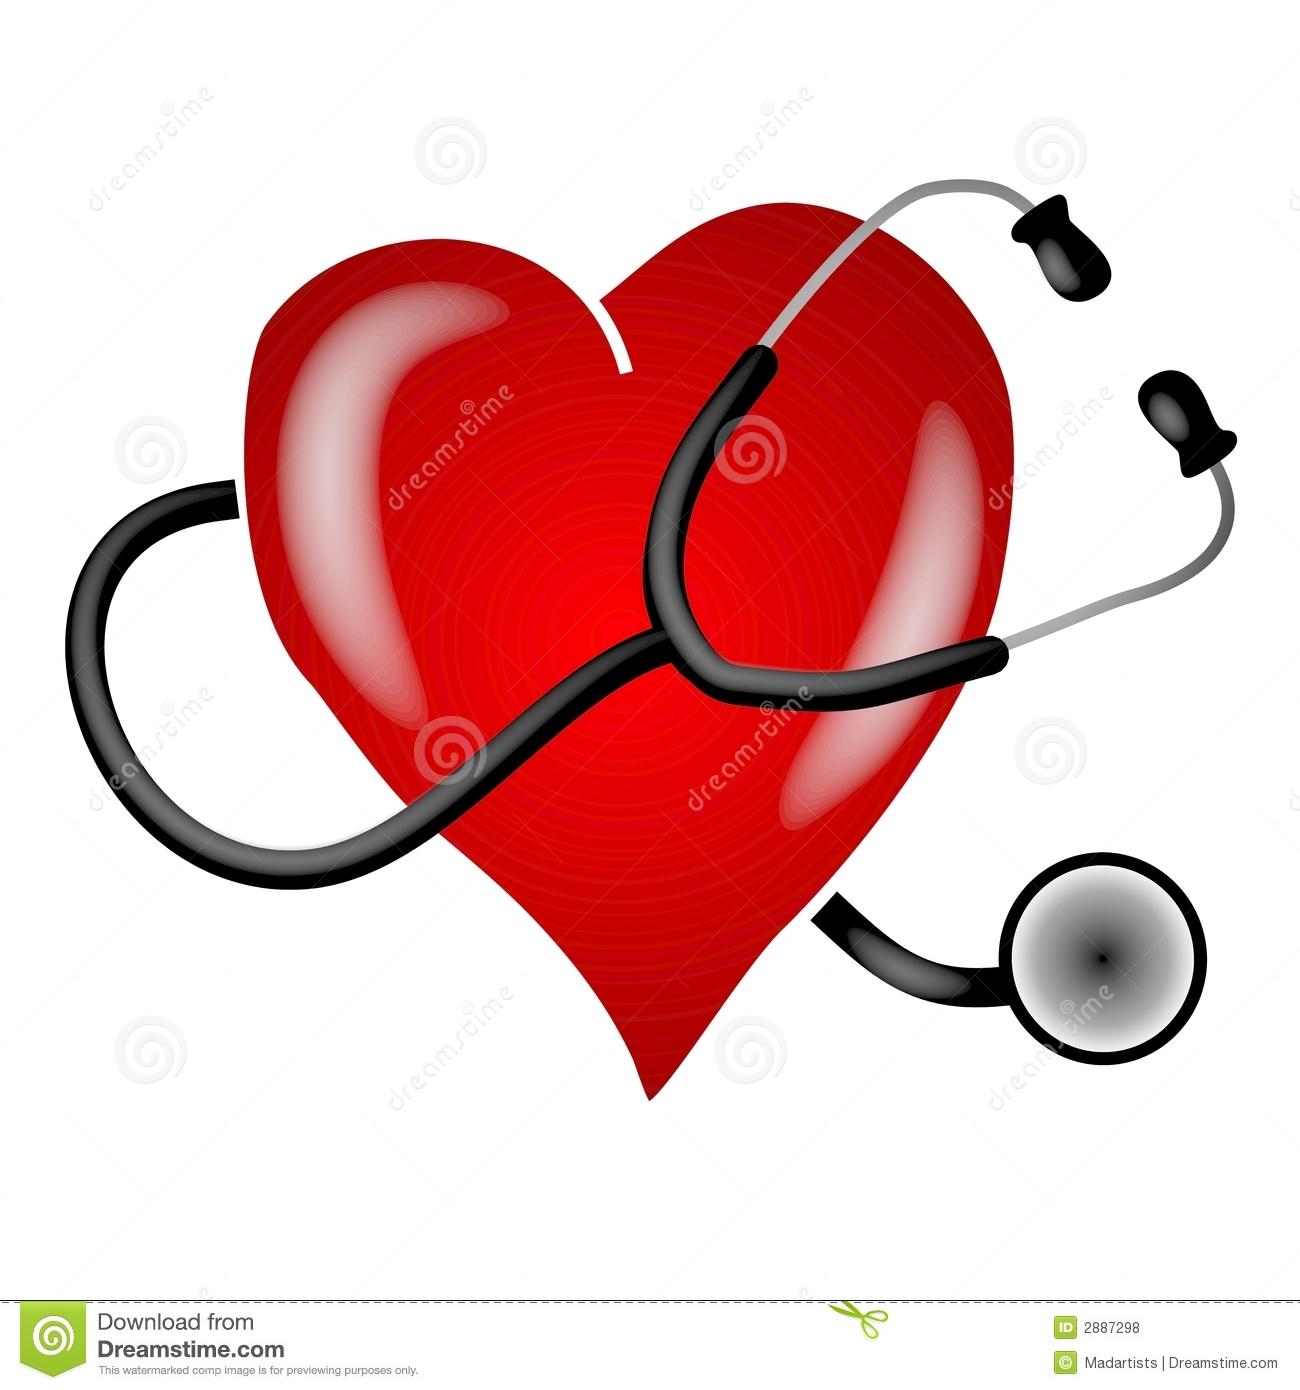 Stethoscope Heart Clip Art stock illustration. Illustration of.